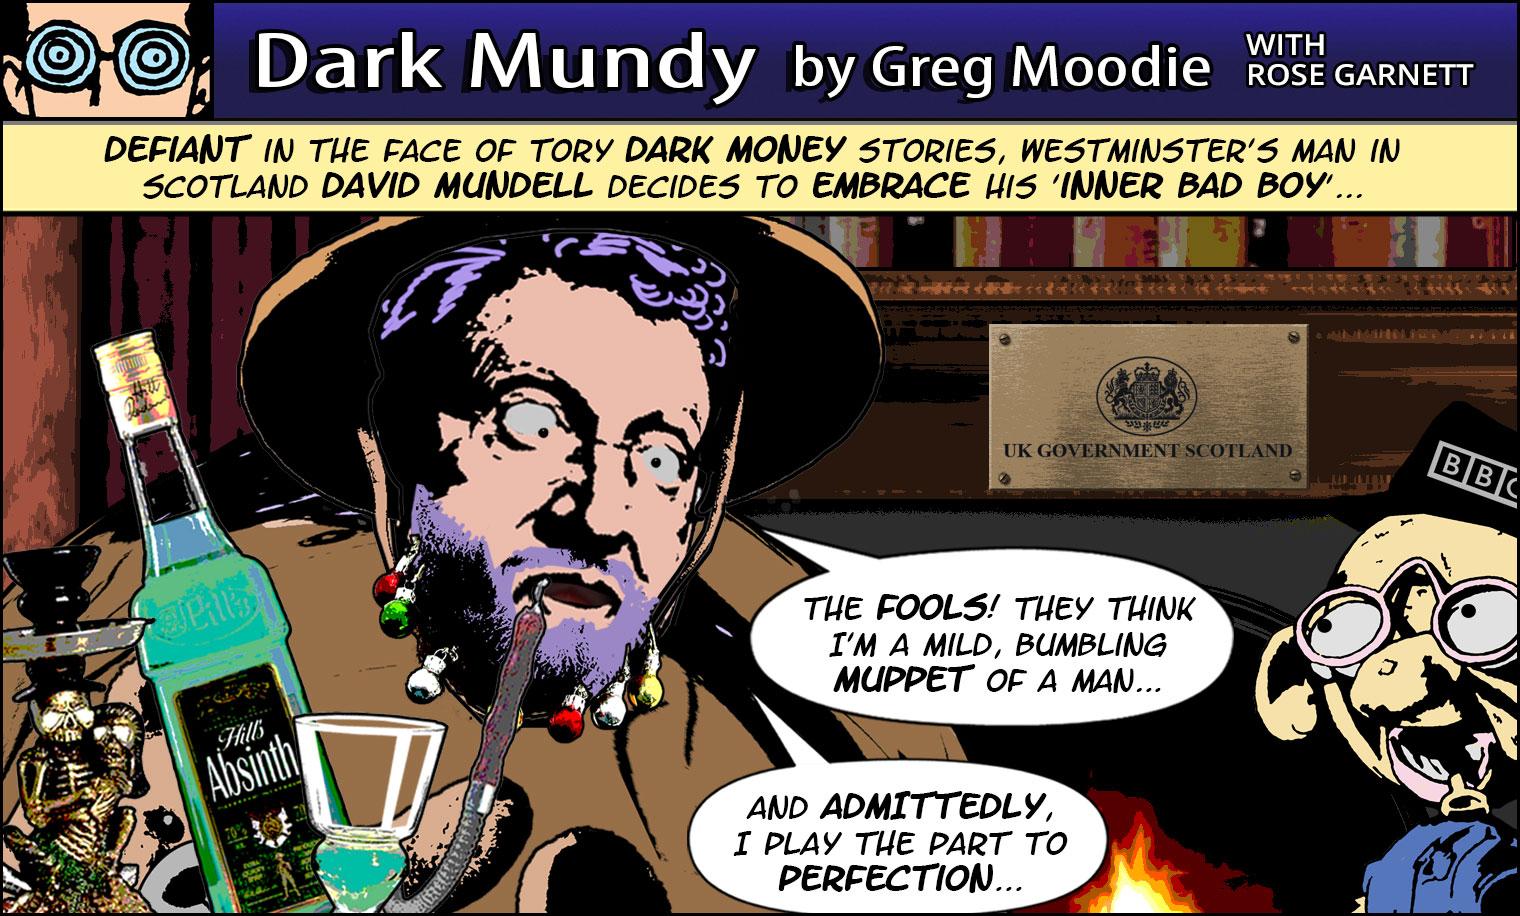 Dark Mundy